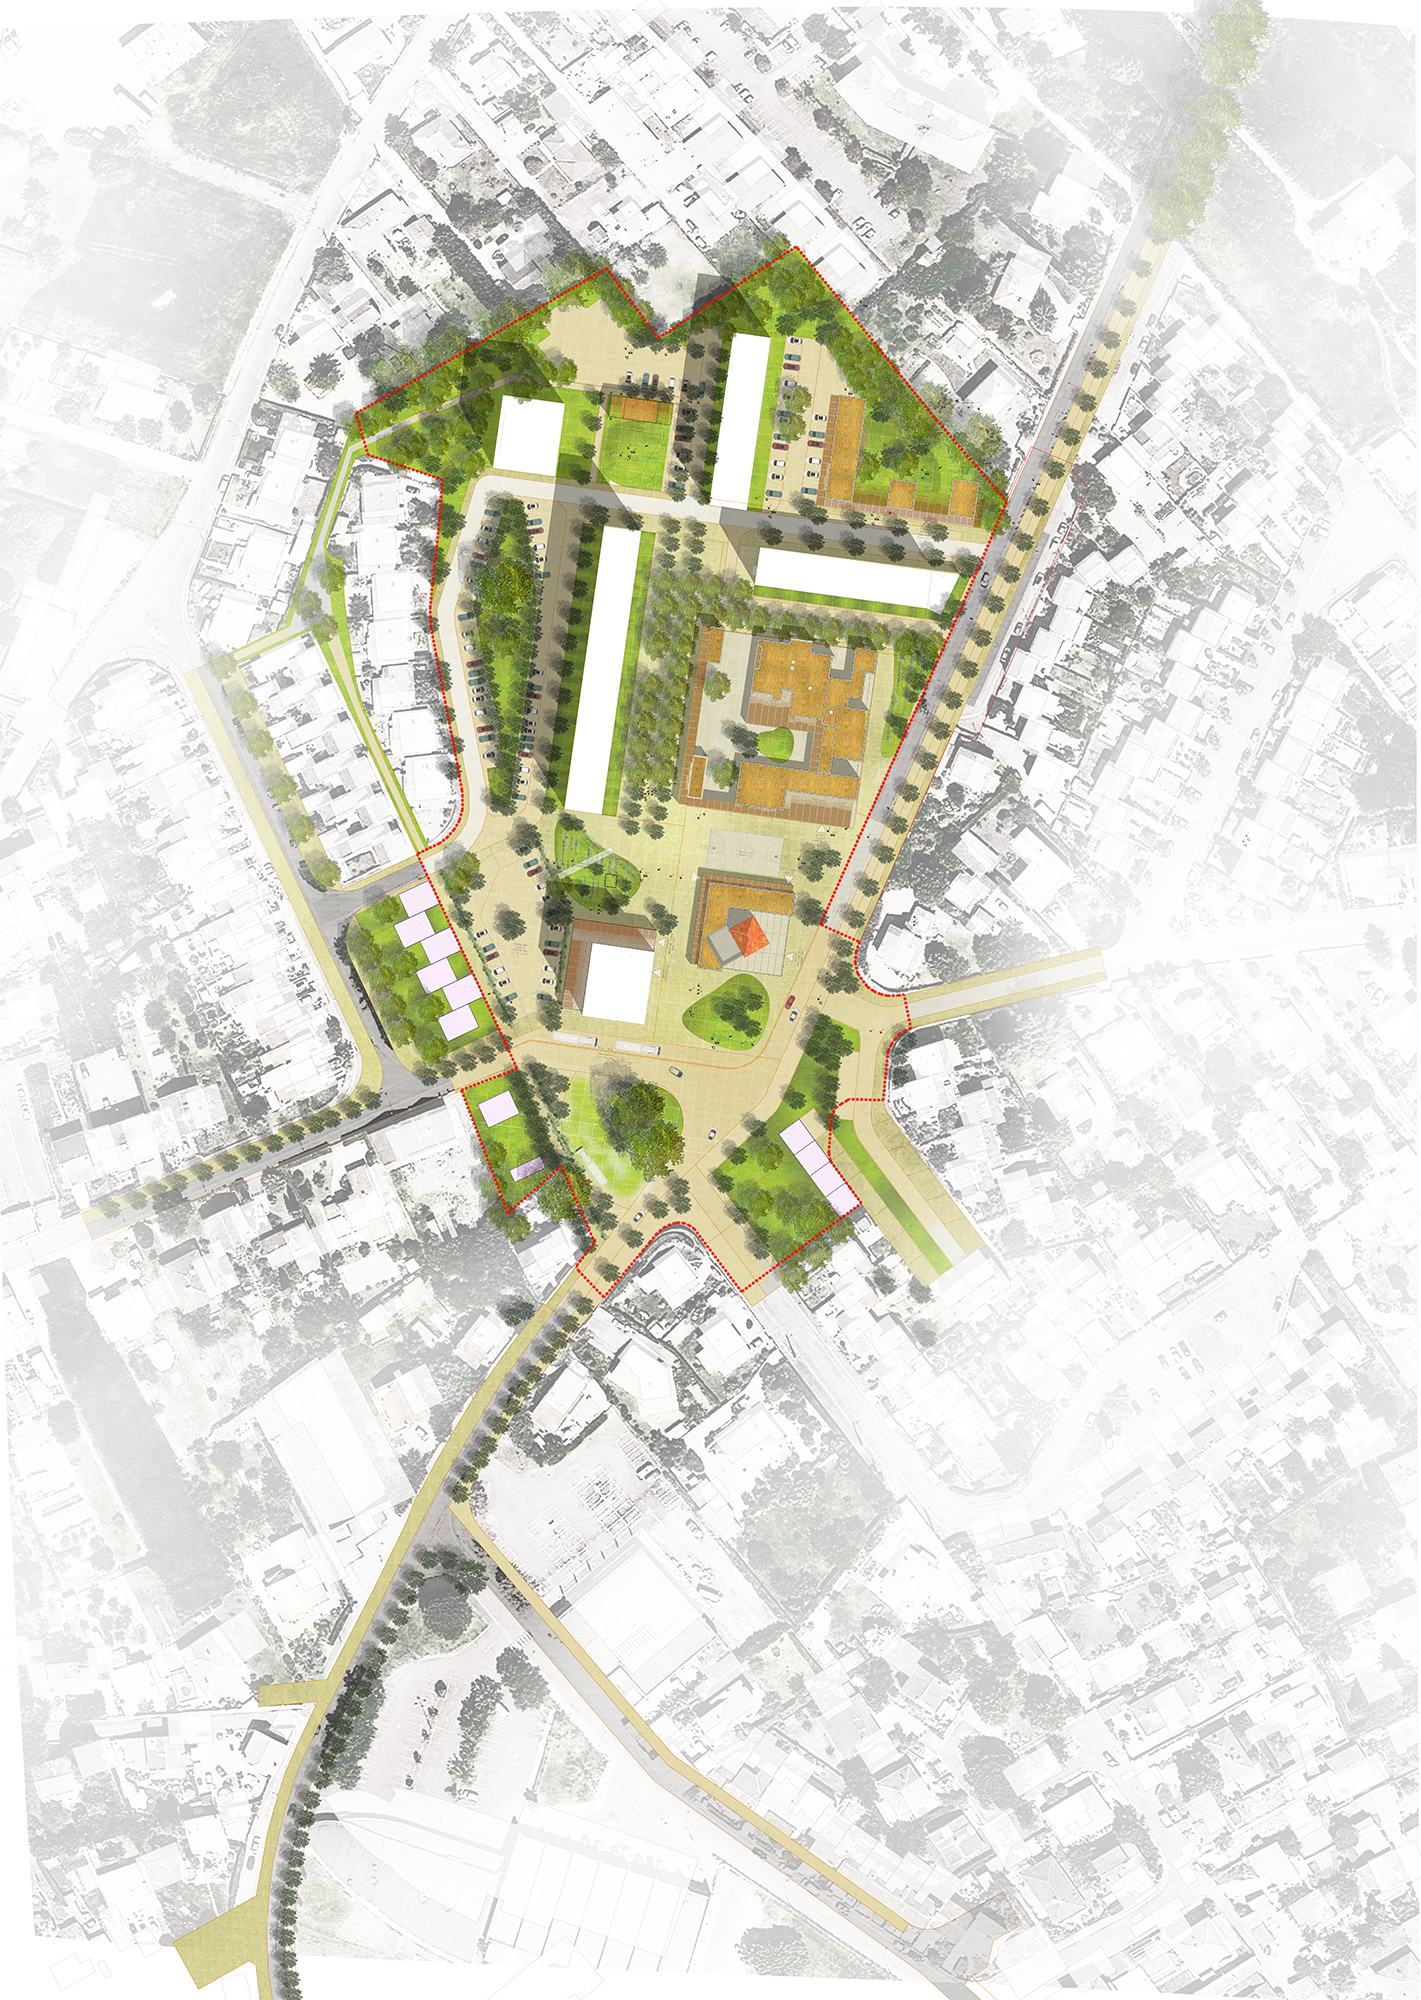 Le2bis-Concours Lentajou - Plan du futur quartier Lentajou - Renouvellement urbain